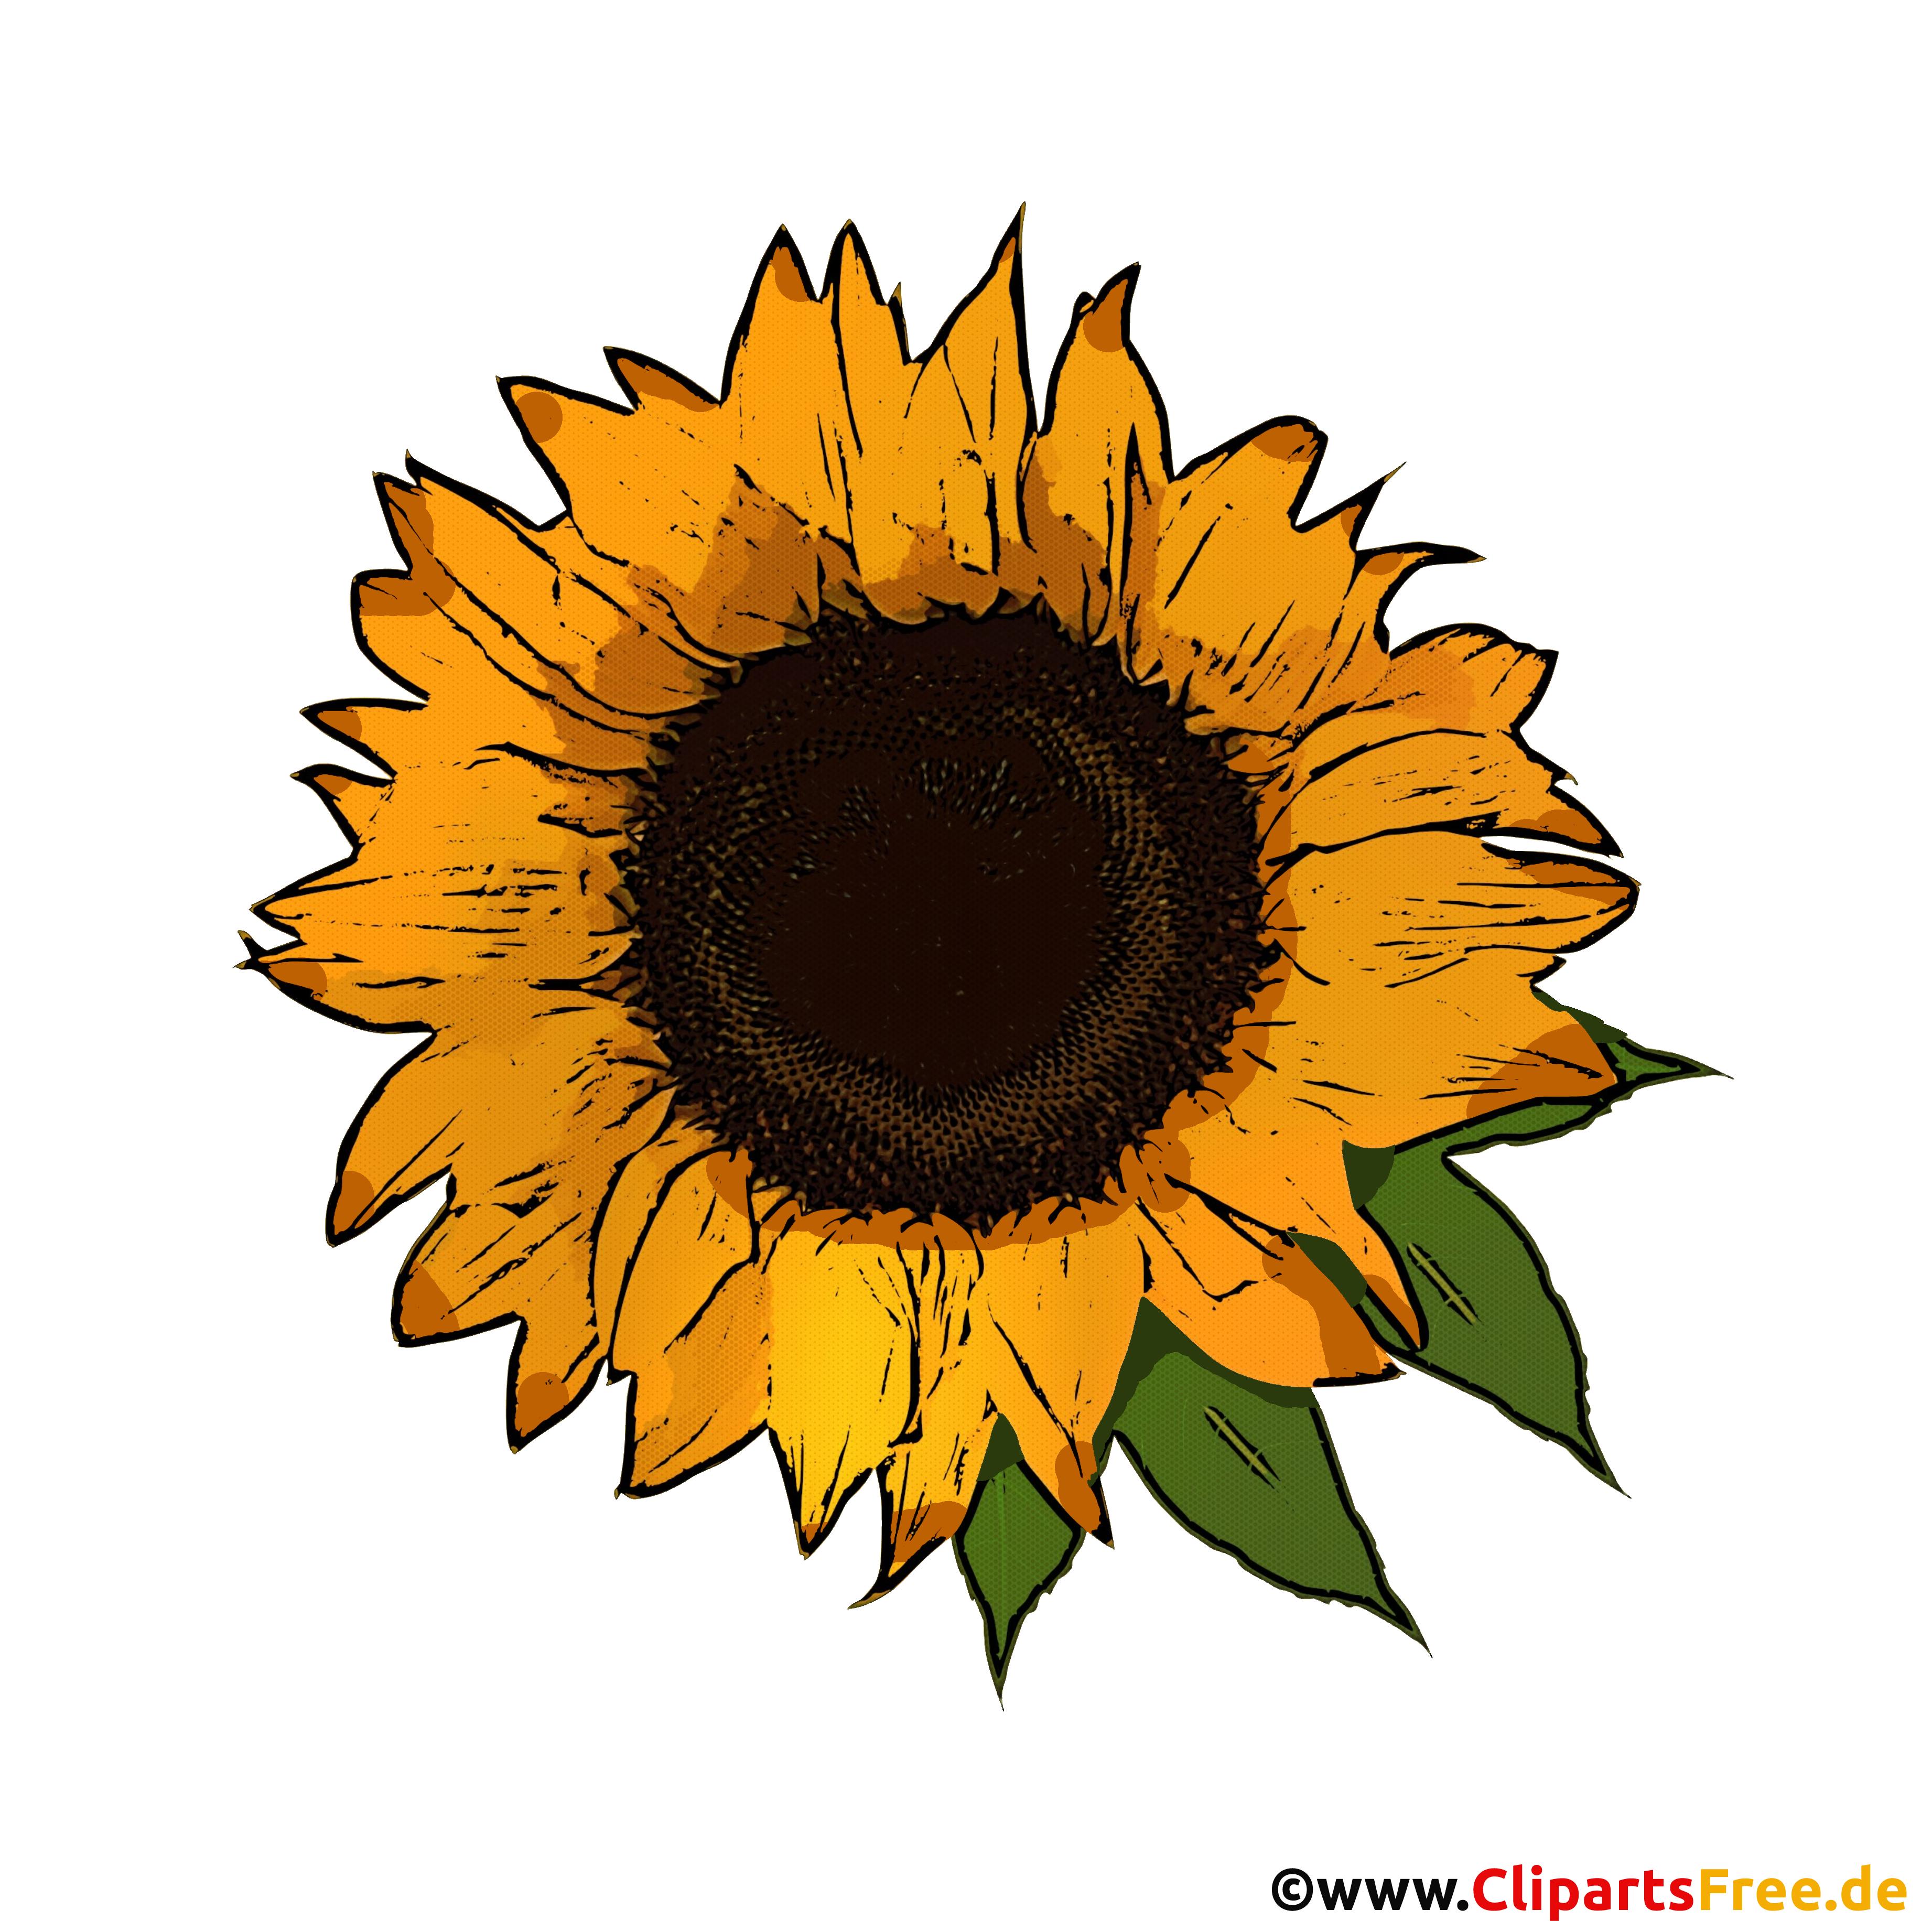 Gelbe Sonnenblume mit grünen Blättern Bild PNG